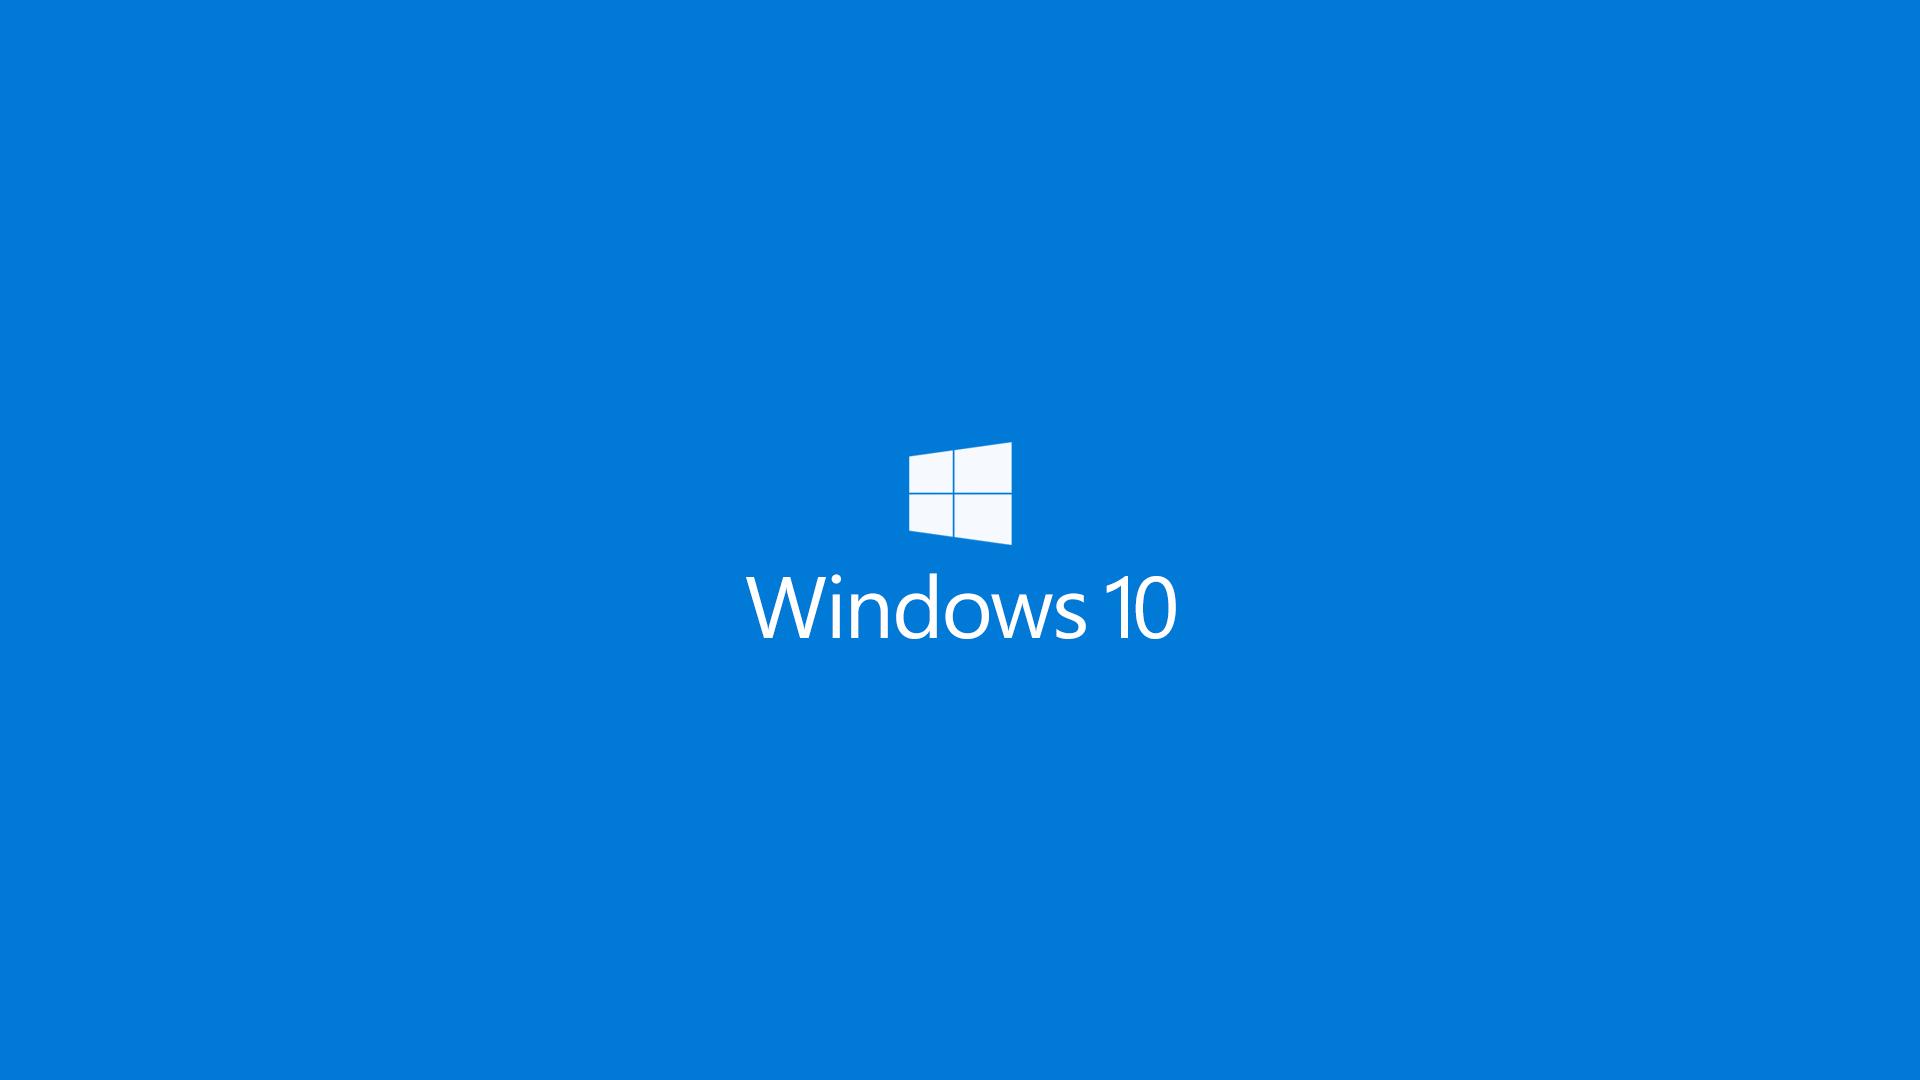 Windows 10 Wallpaper HD zr2127ti Yoanu 1920x1080